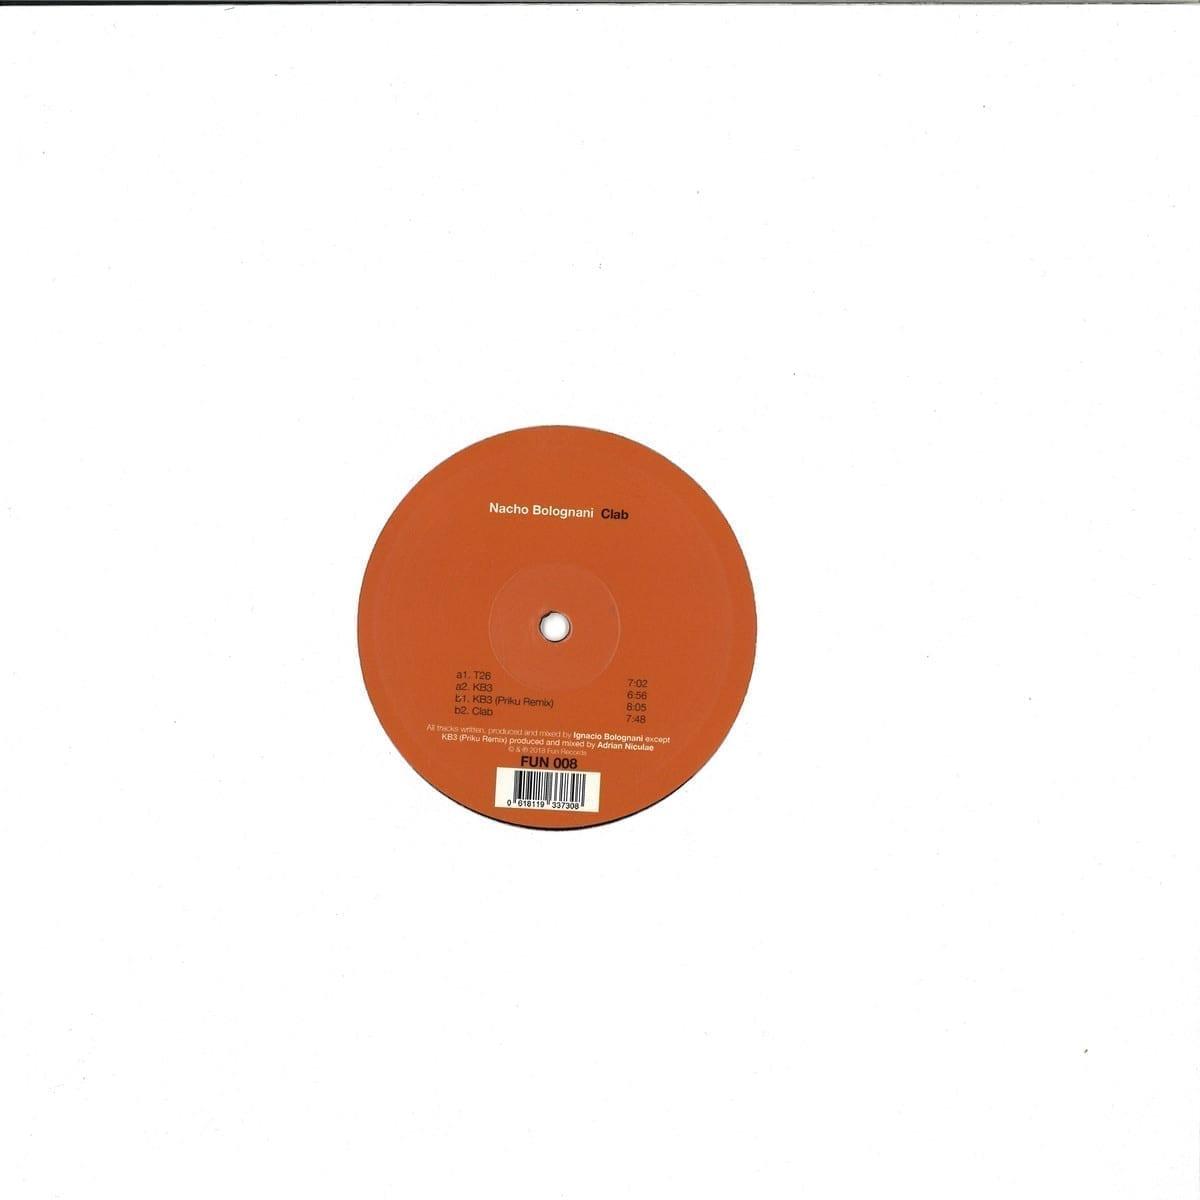 nacho bolognani - clab [fun records] back